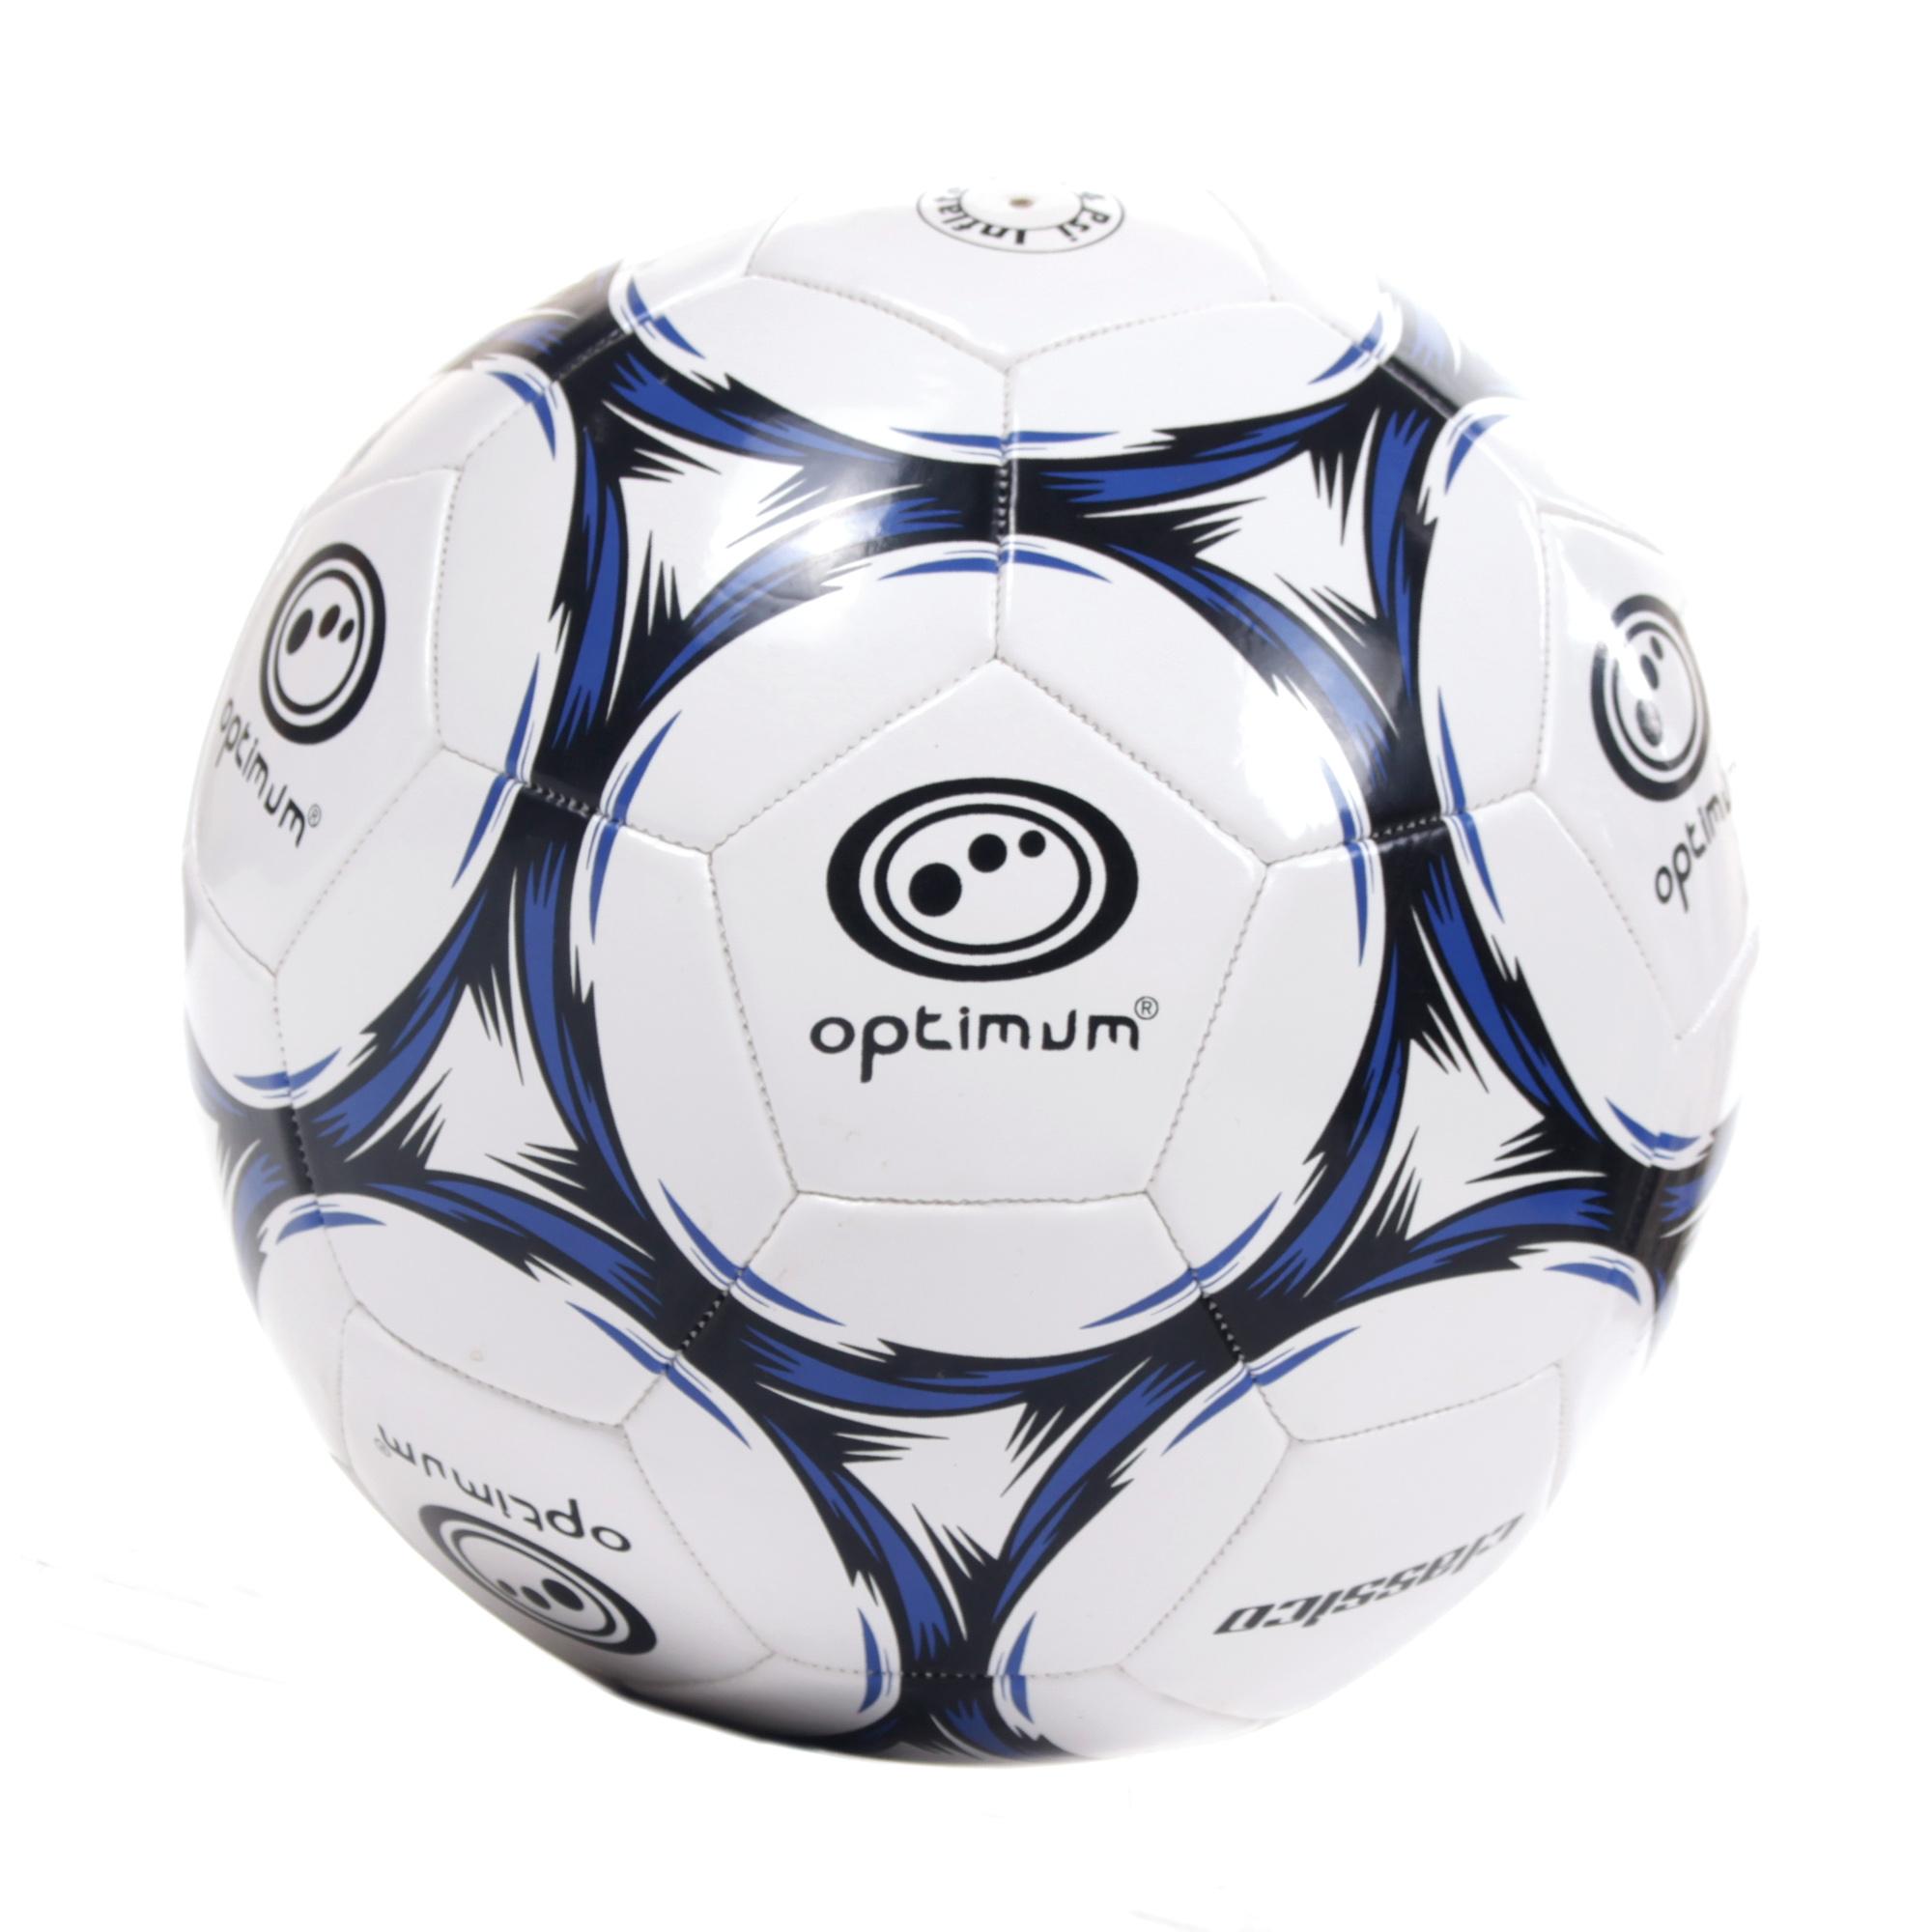 Optimum-Classico-Football-Soccer-Ball thumbnail 4